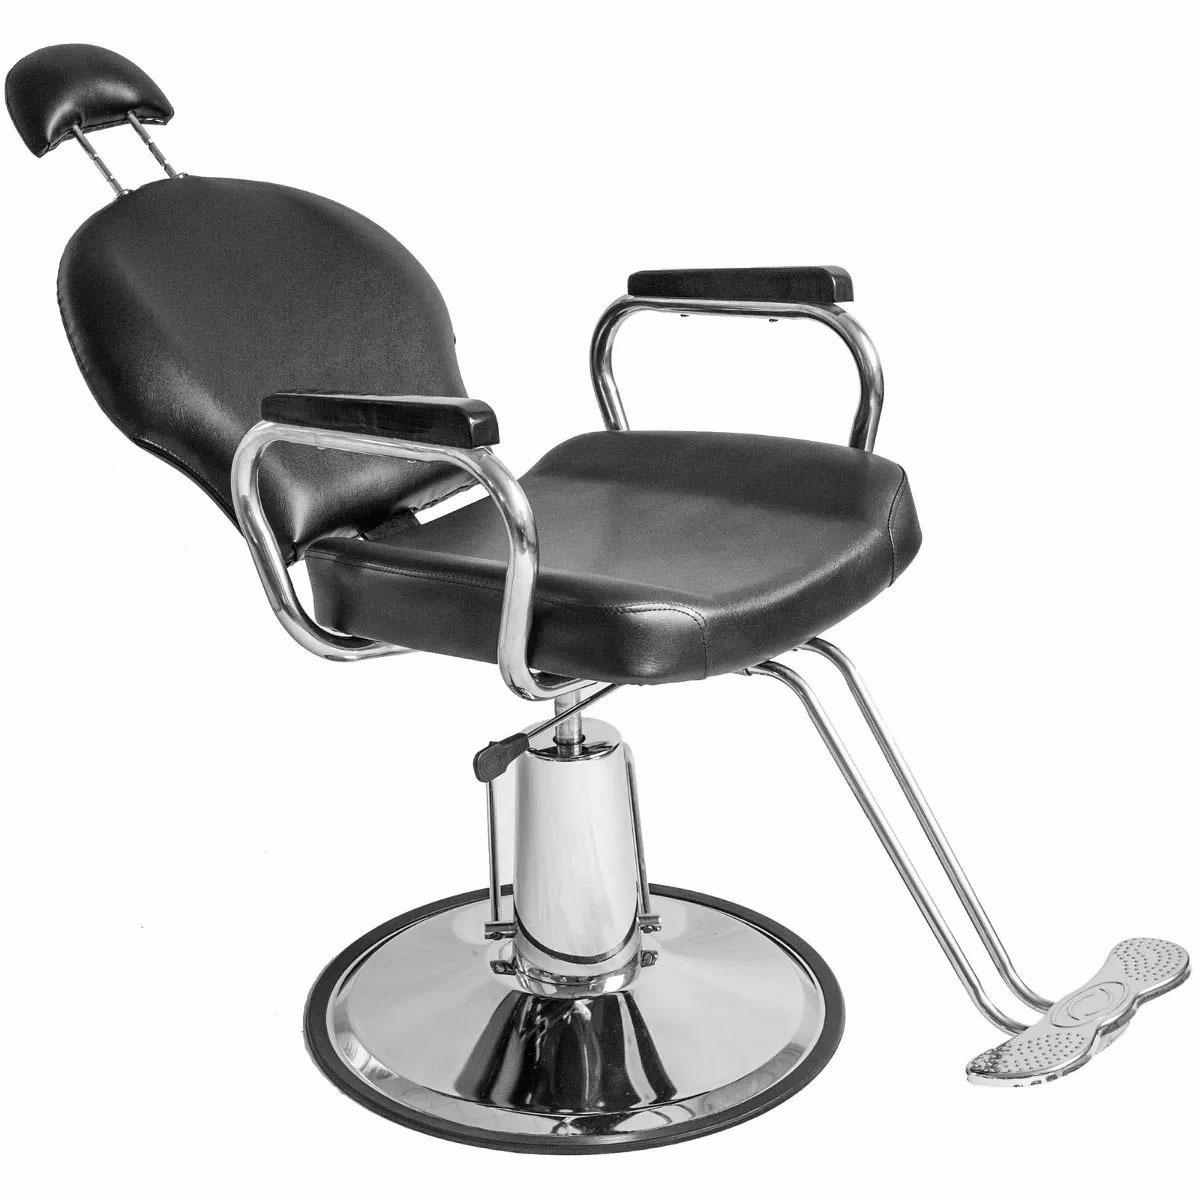 Silla Sillon Reclinable Barberia Salon Estetica Peluqueria   428900 en Mercado Libre